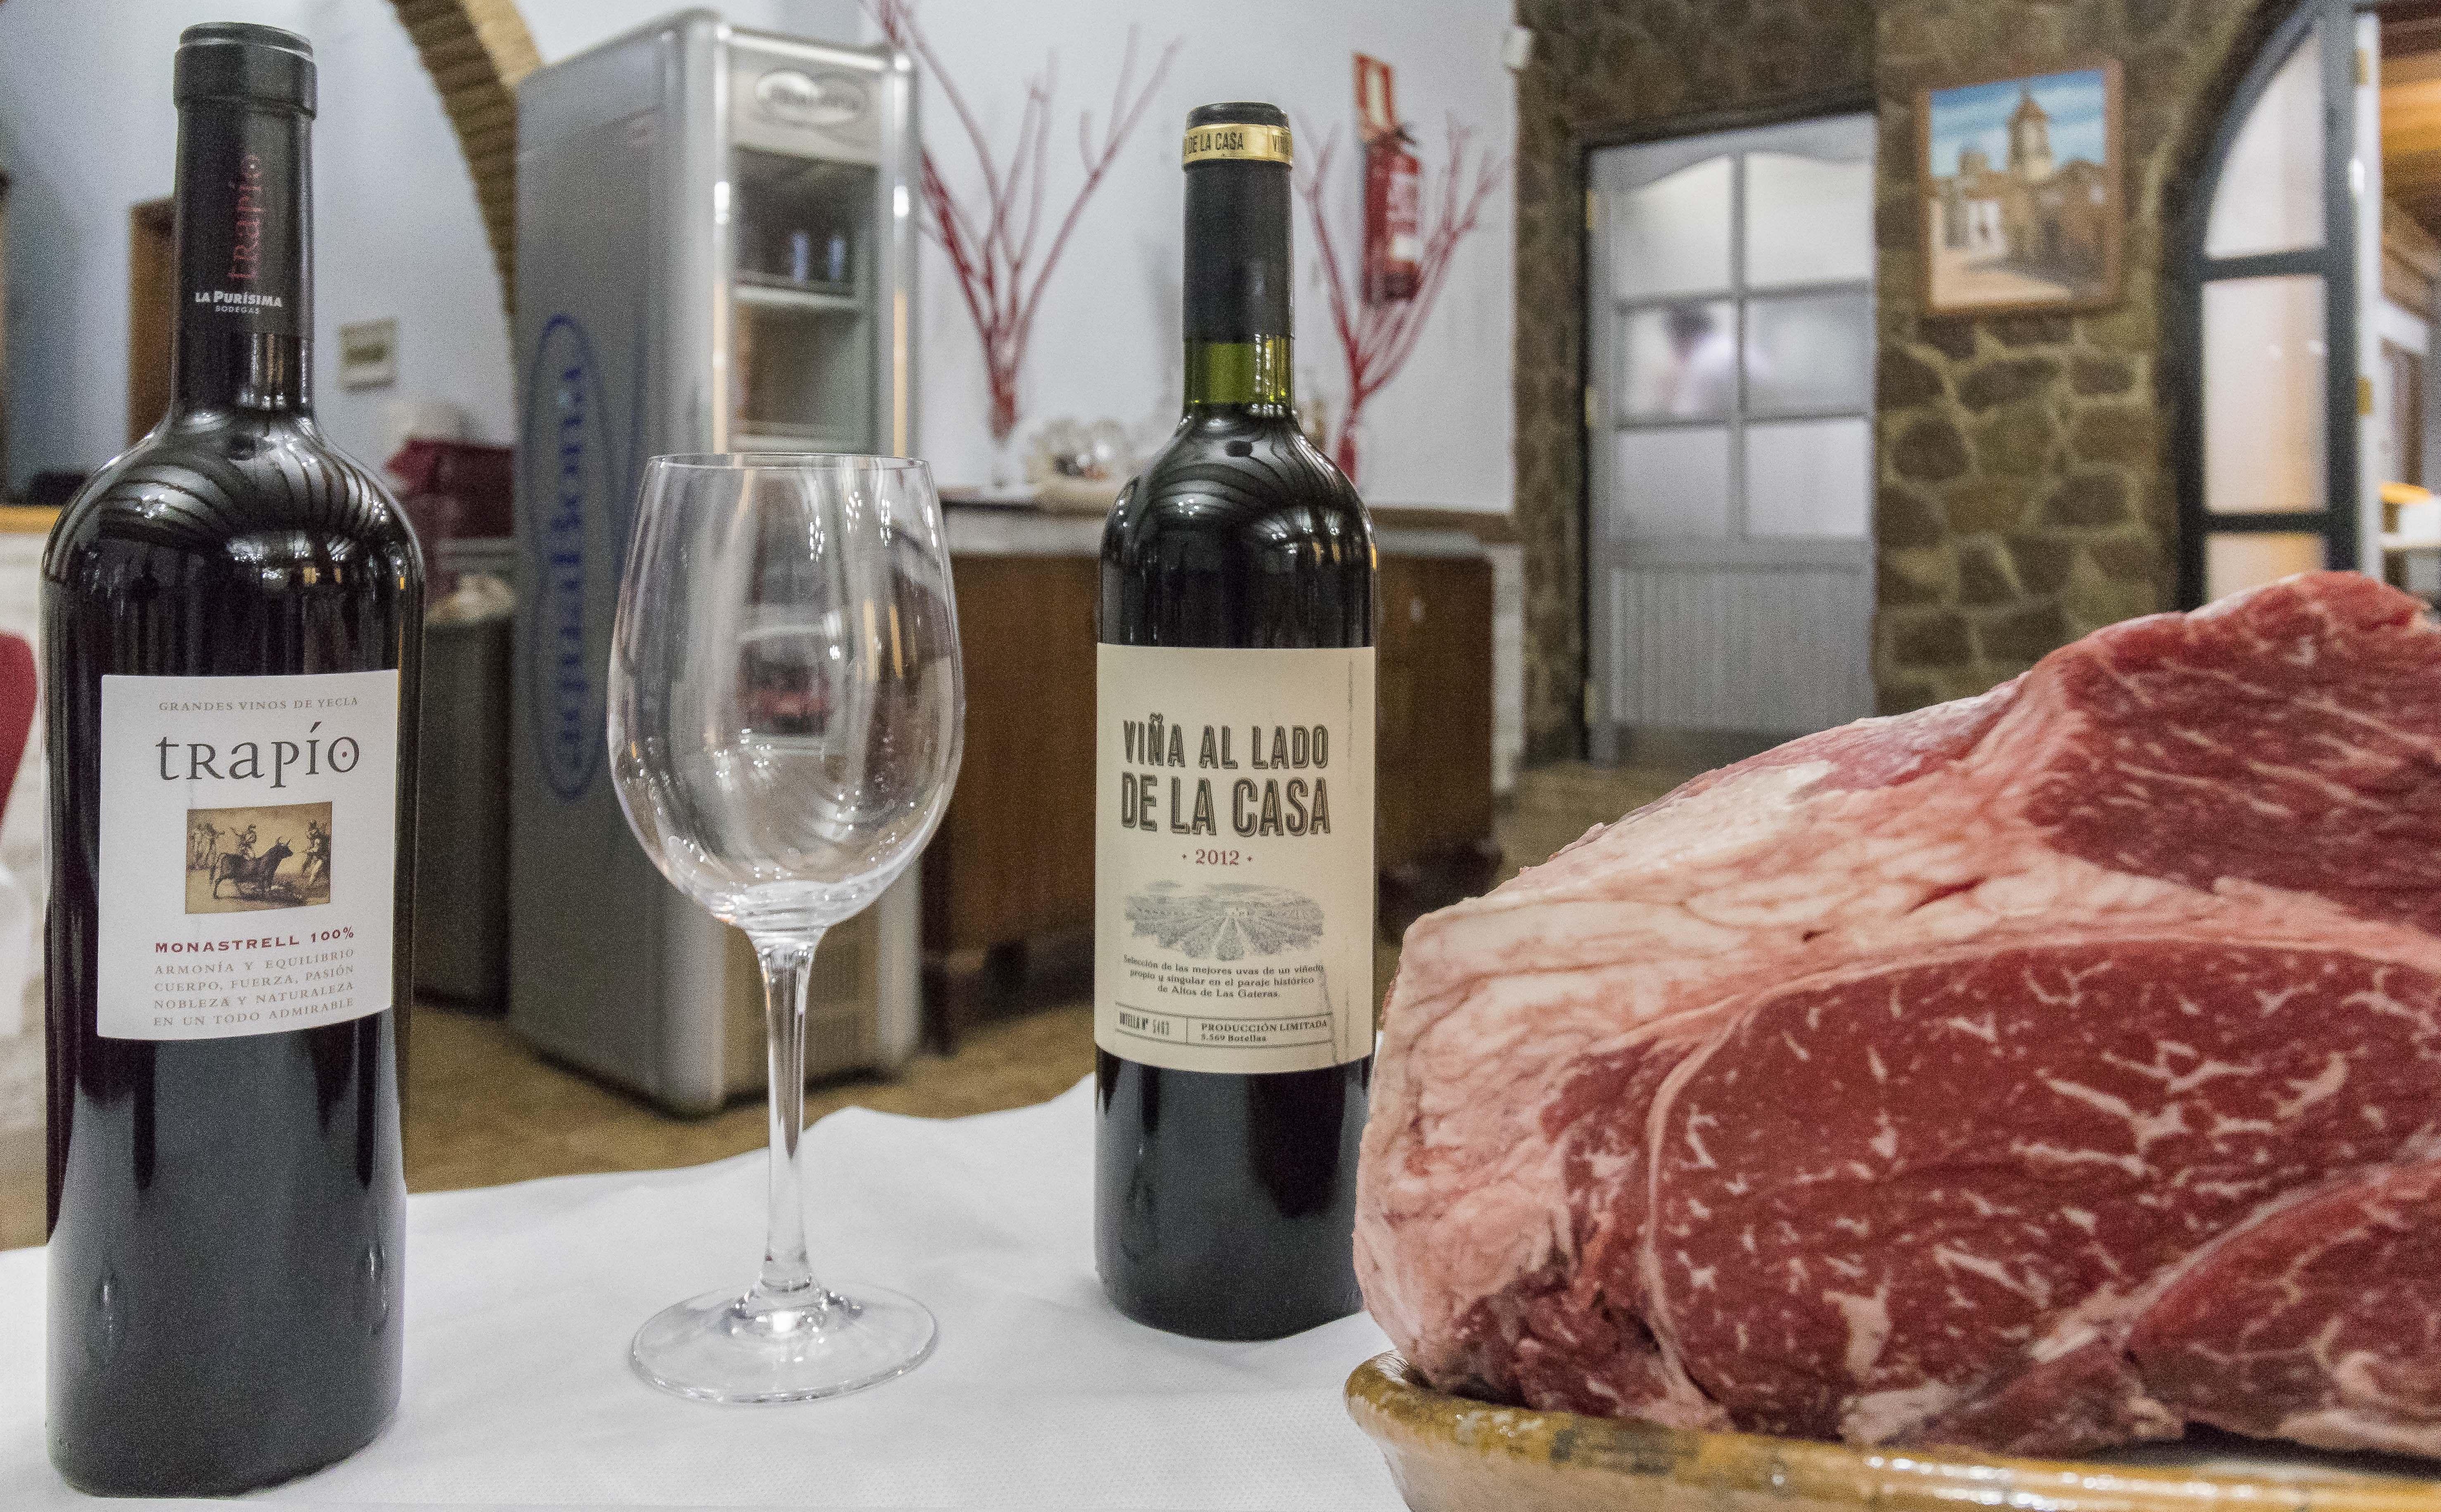 Restaurante con gran variedad de carnes en Yecla